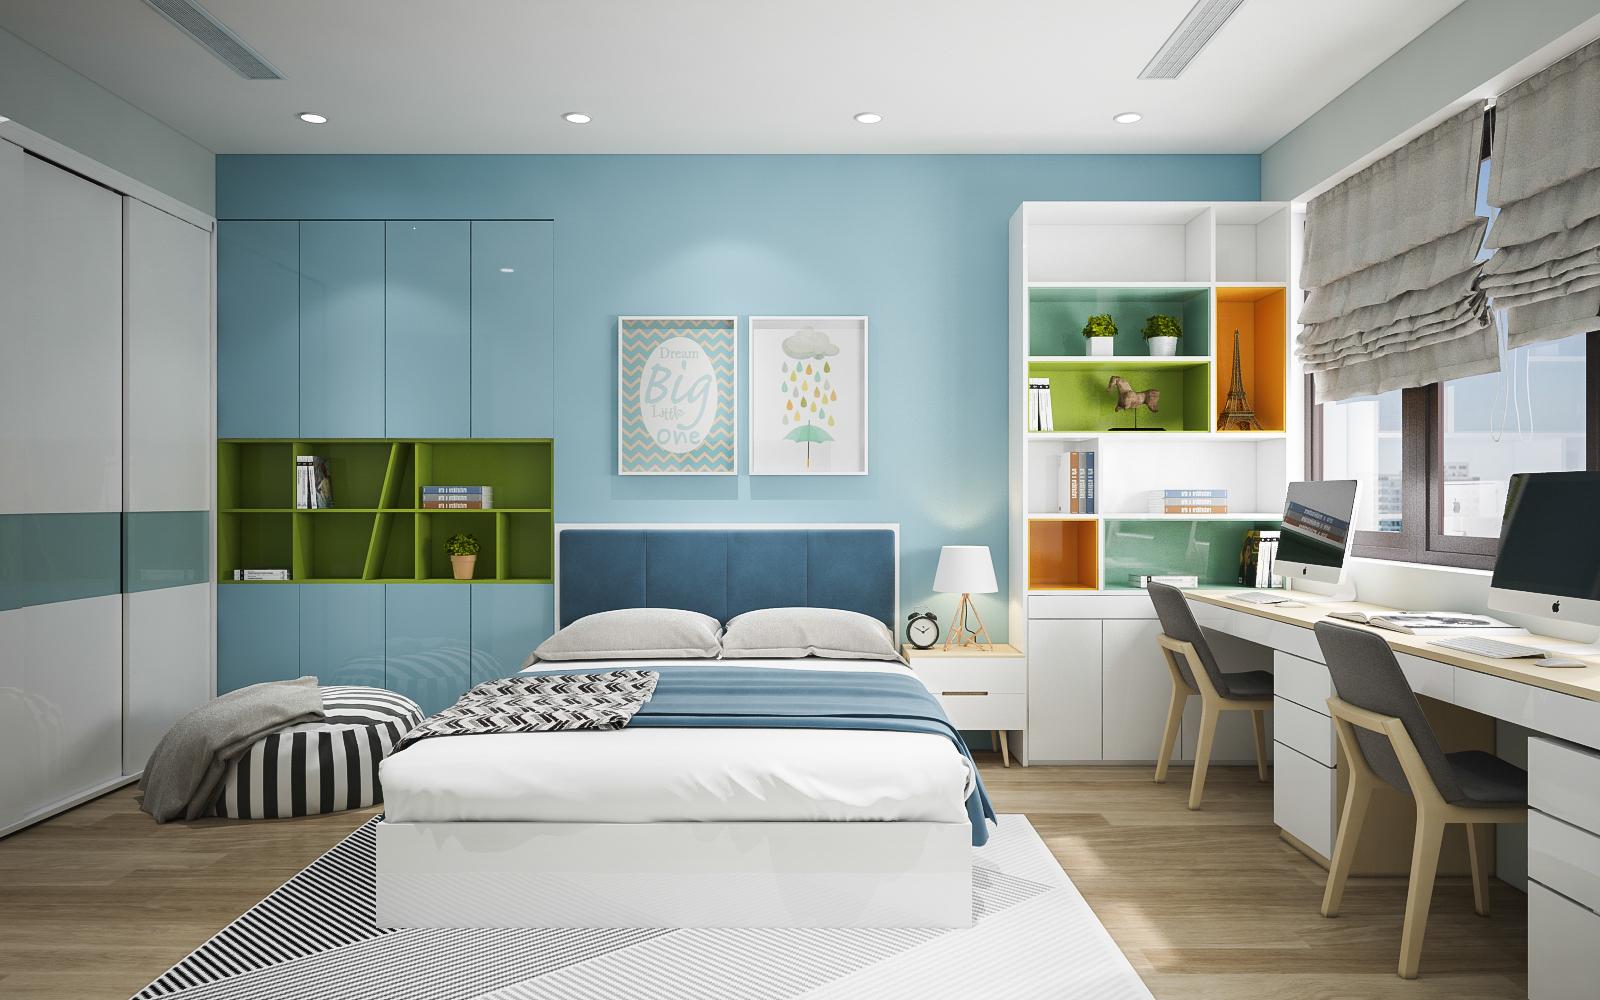 Thiết kế nội thất phòng ngủ màu xanh biển cho bé trai